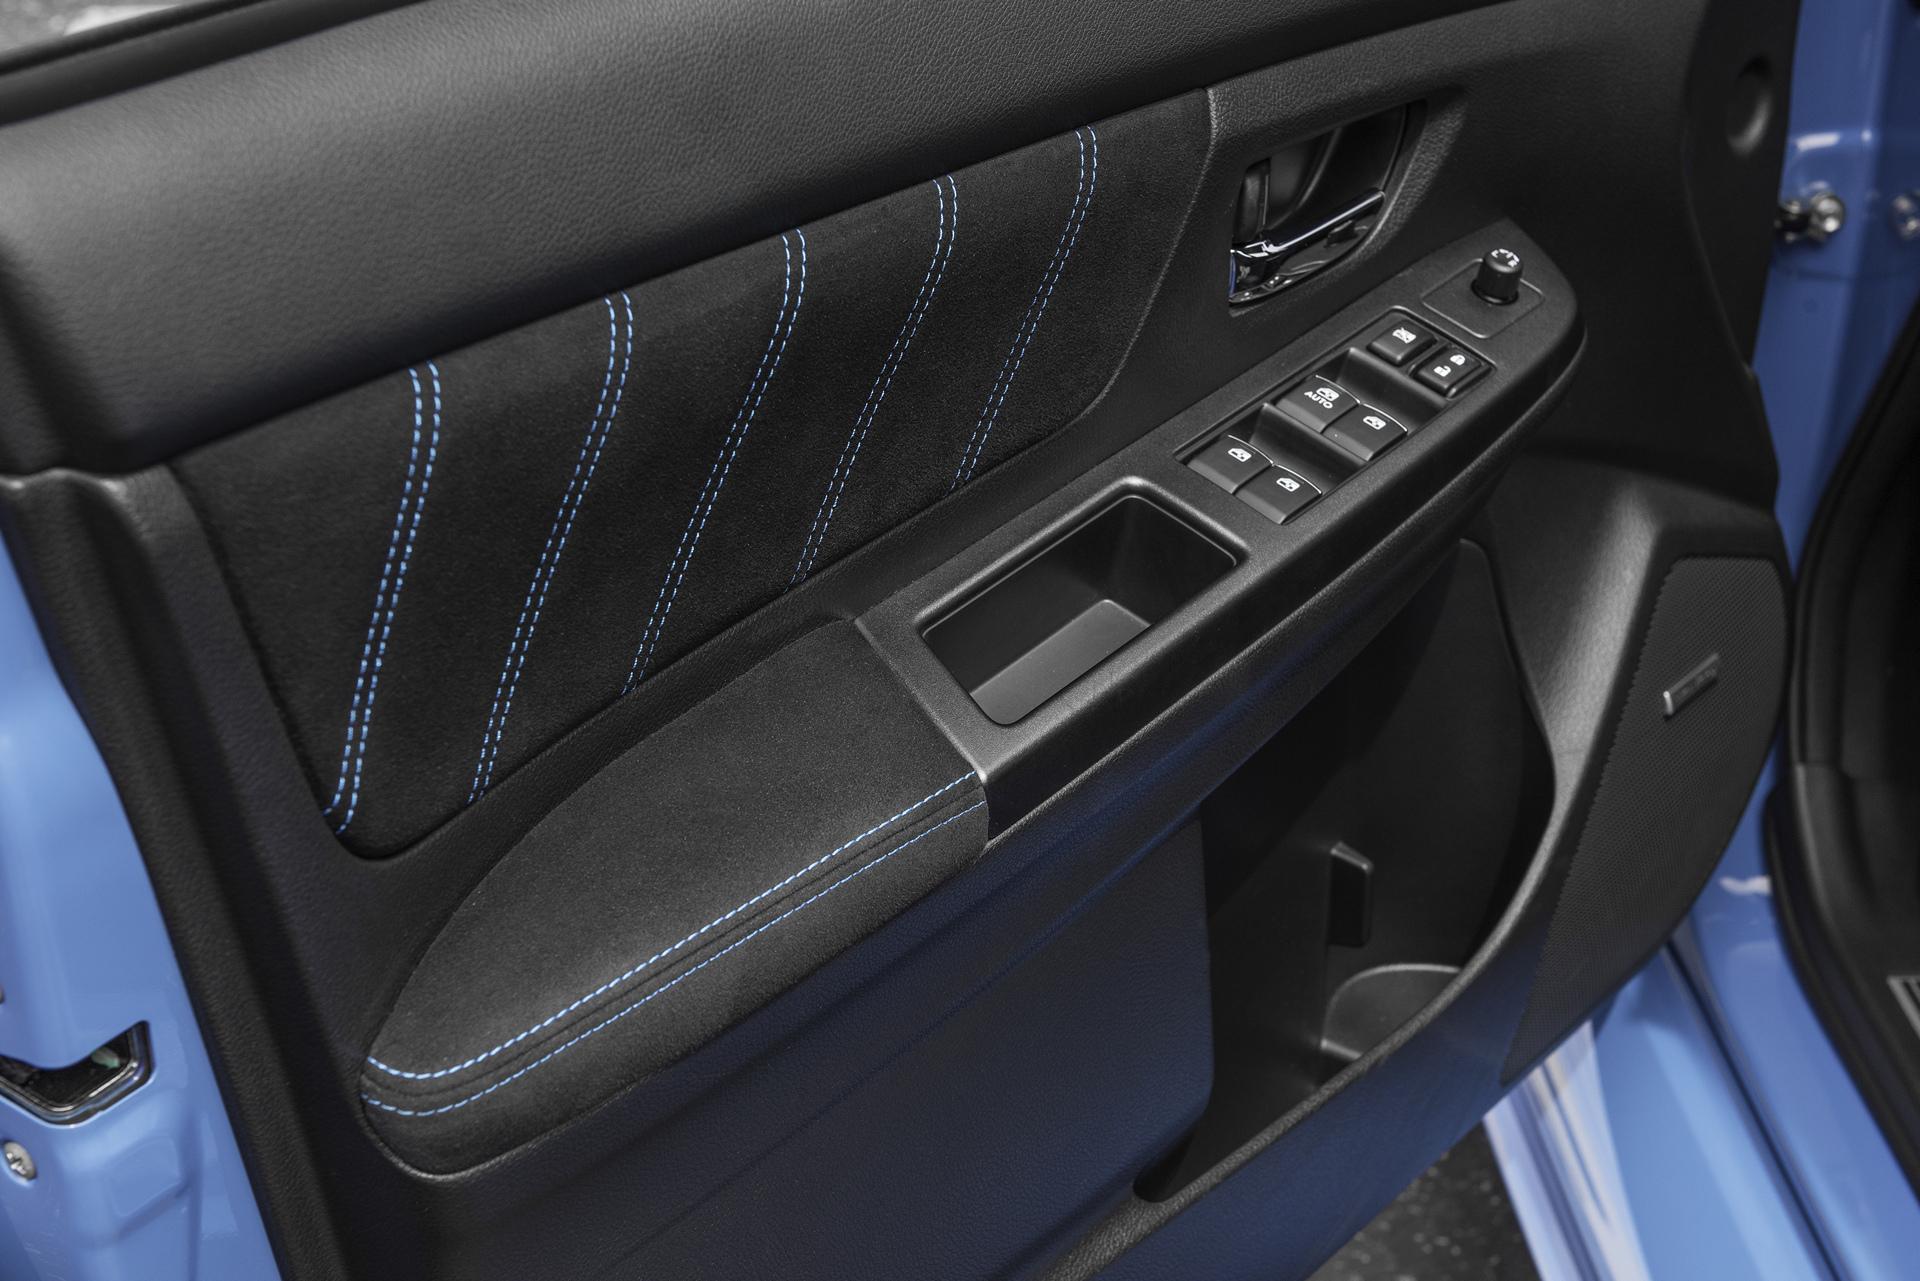 2016 Subaru Series.HyperBlue WRX STI © Fuji Heavy Industries, Ltd.